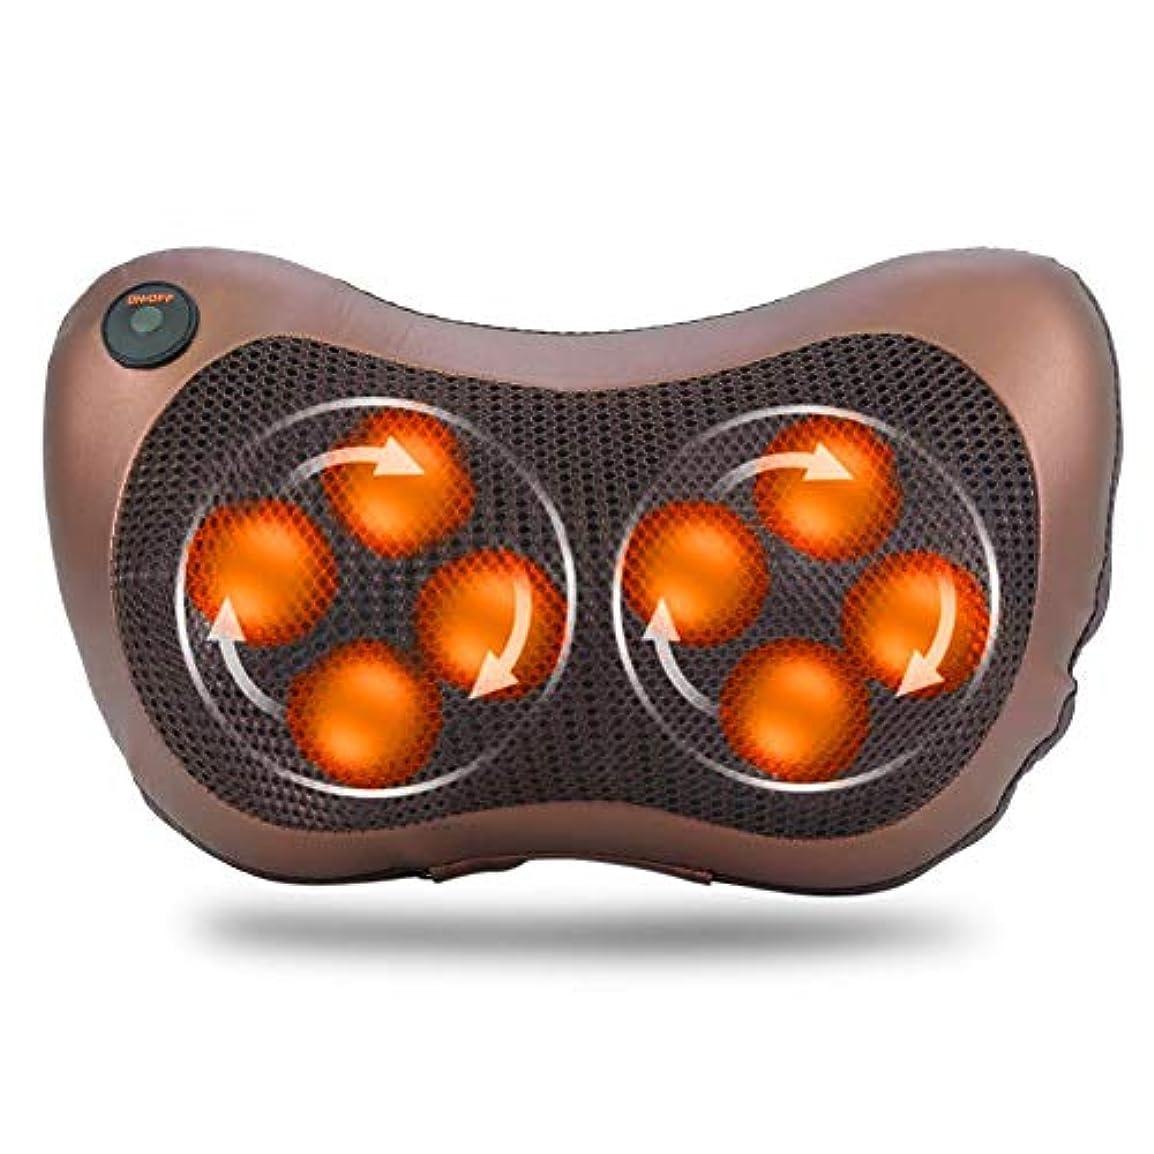 賞賛農奴電圧8つの頭部の回転マッサージ枕、ホームオフィスおよび車の使用のためのタイミング熱機能の電気指の深い混練の首の肩ボディマッサージャー